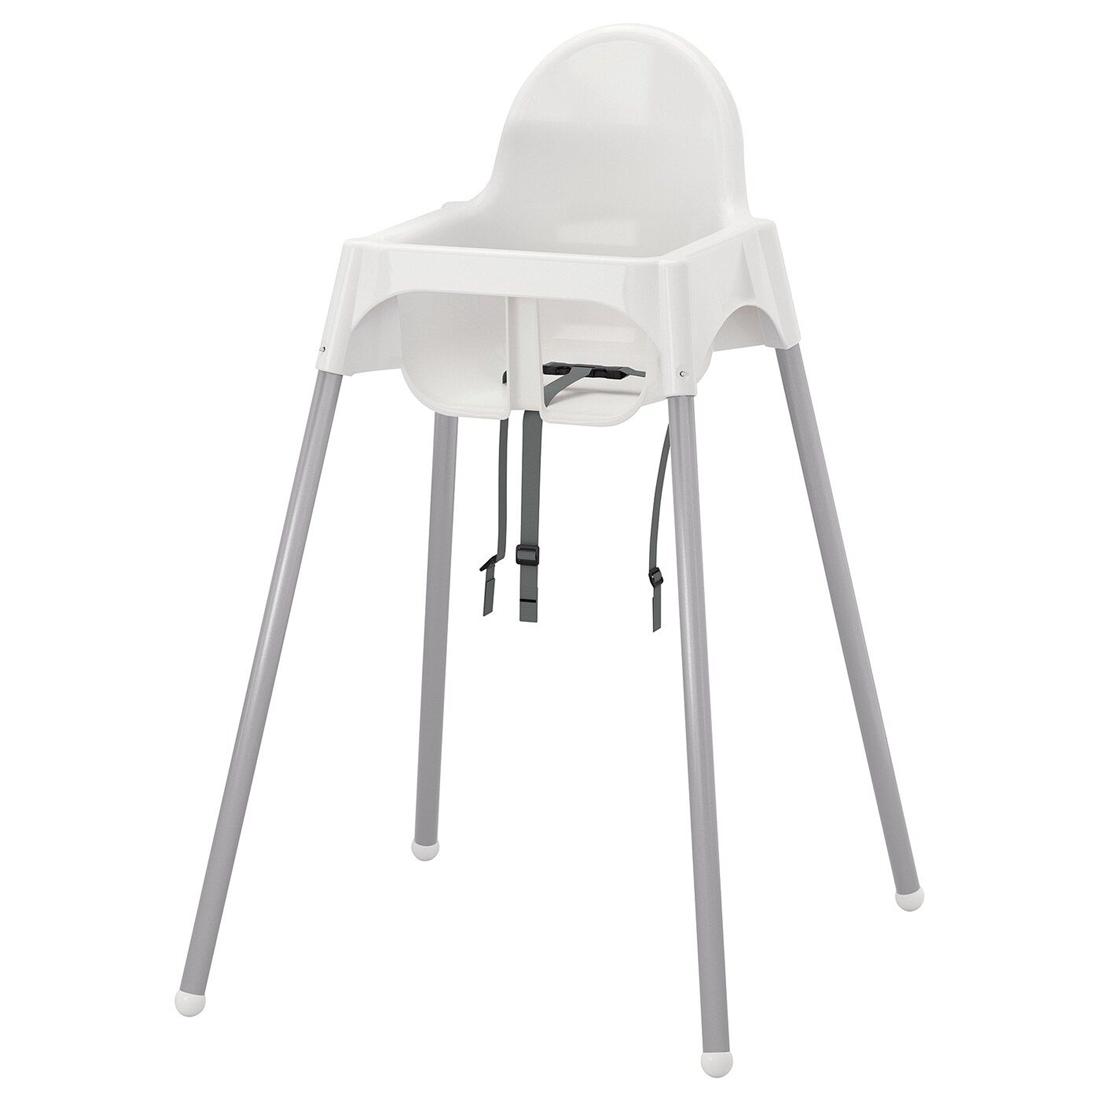 Высок стульчик с ремн безопасн, белый, серебристый АНТИЛОП [192.193.67] 192.193.67